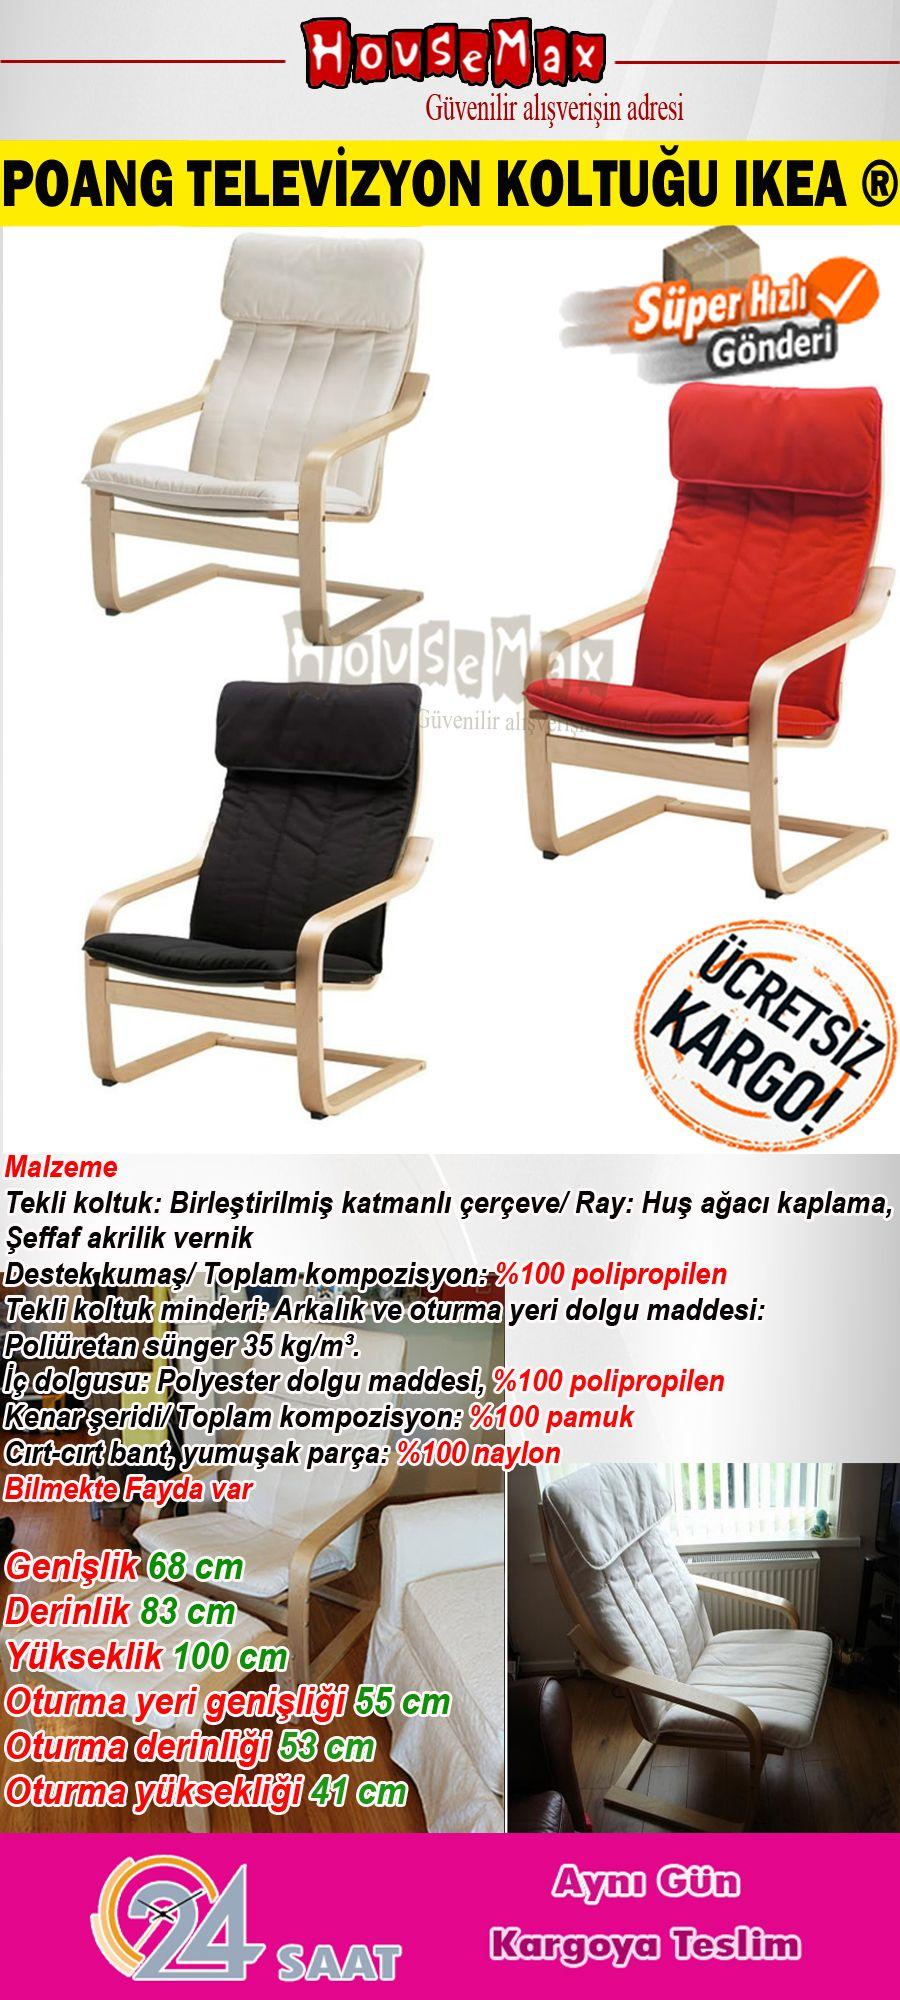 Ikea Poang Tv Koltugu Kirmizi Ps Koltugu Malzeme Tekli Koltuk B Ikea Tv Bar Taburesi